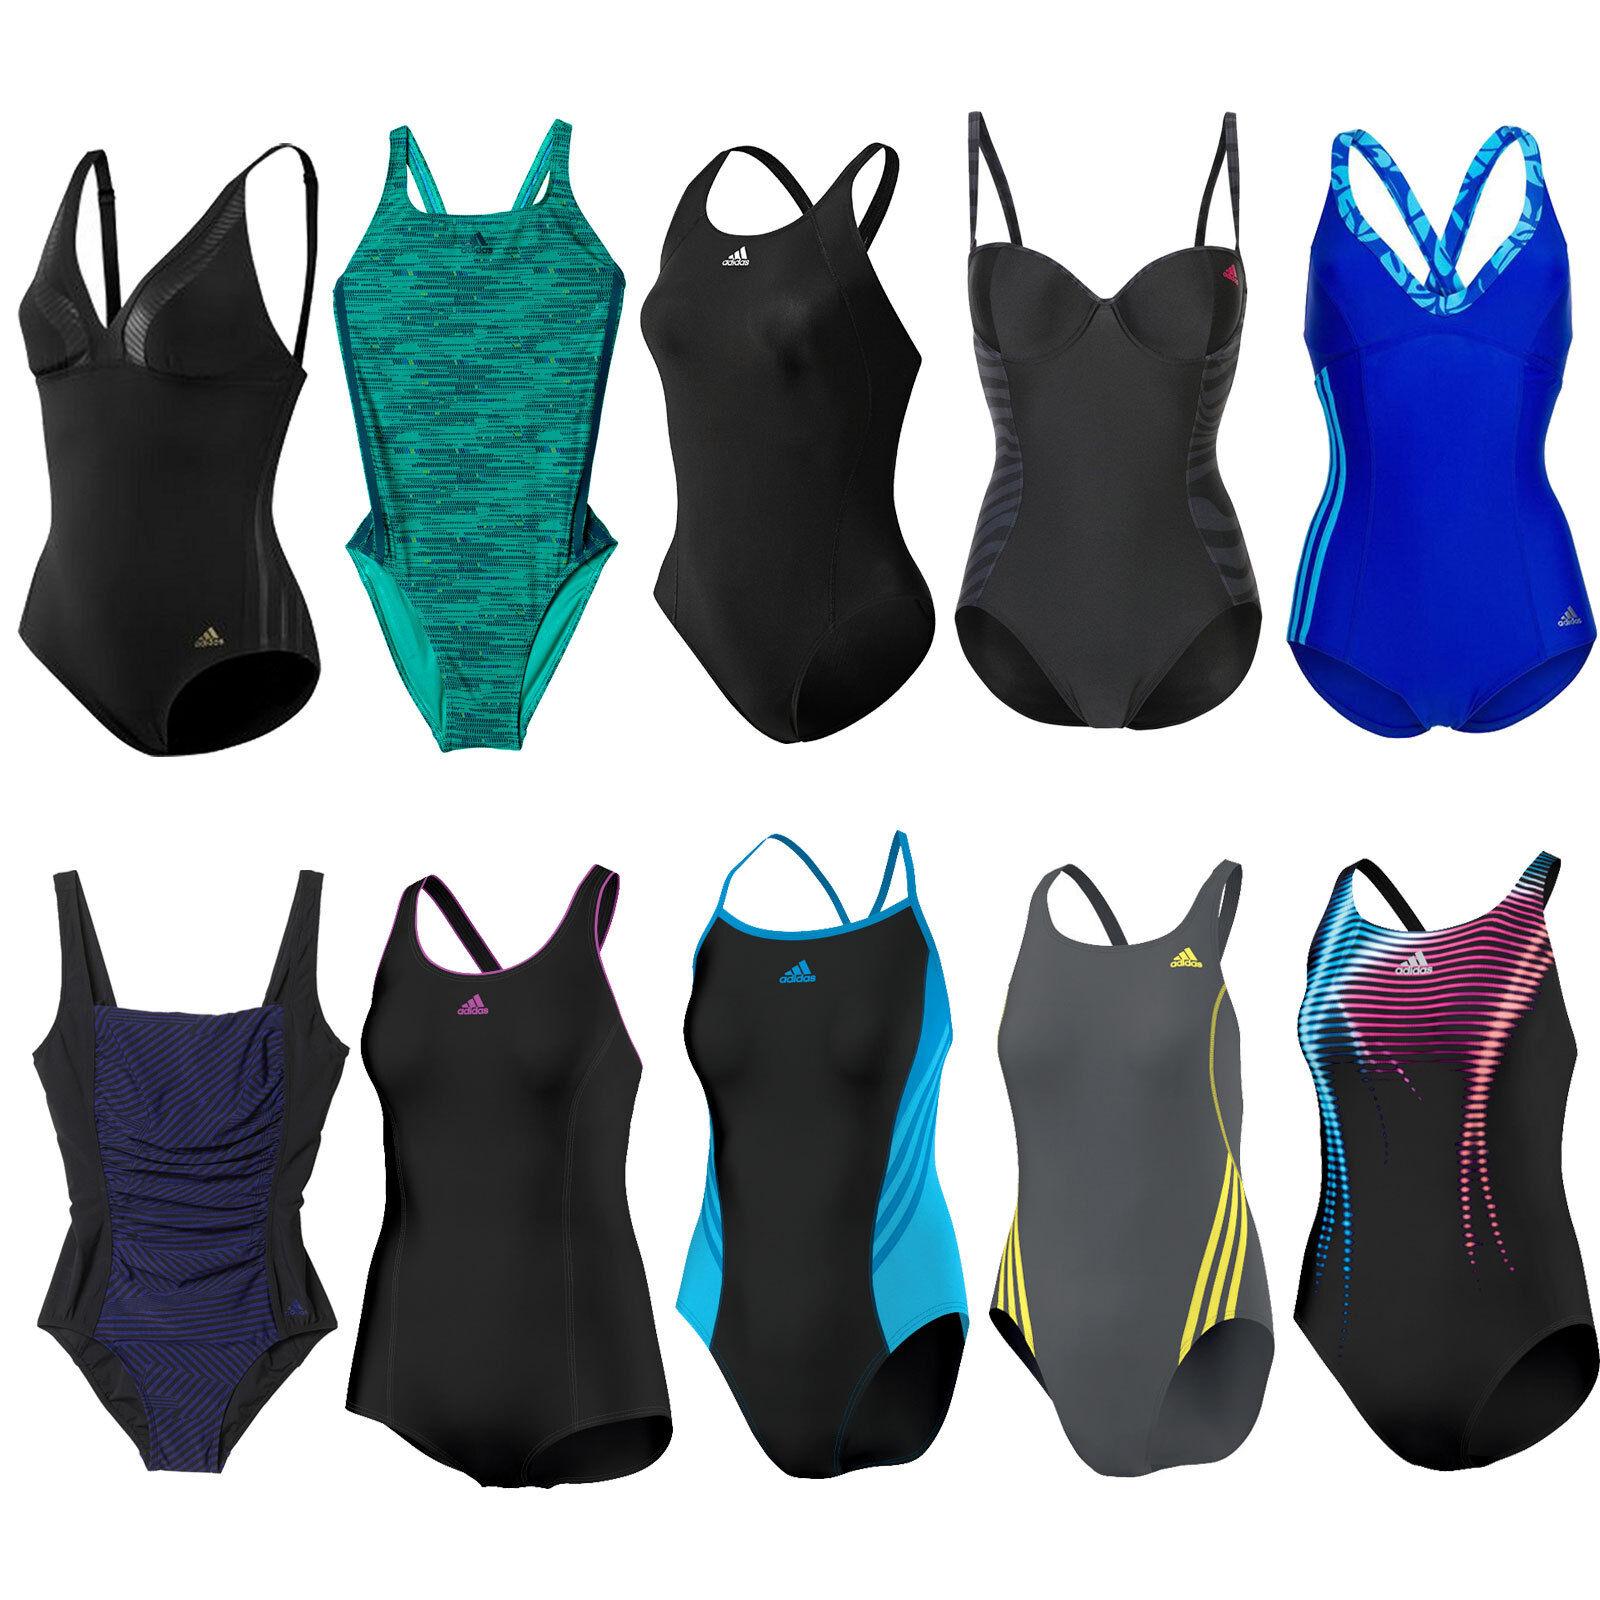 adidas Performance Damen-Badeanzug Schwimmanzug Bademode Swimsuit Einteiler